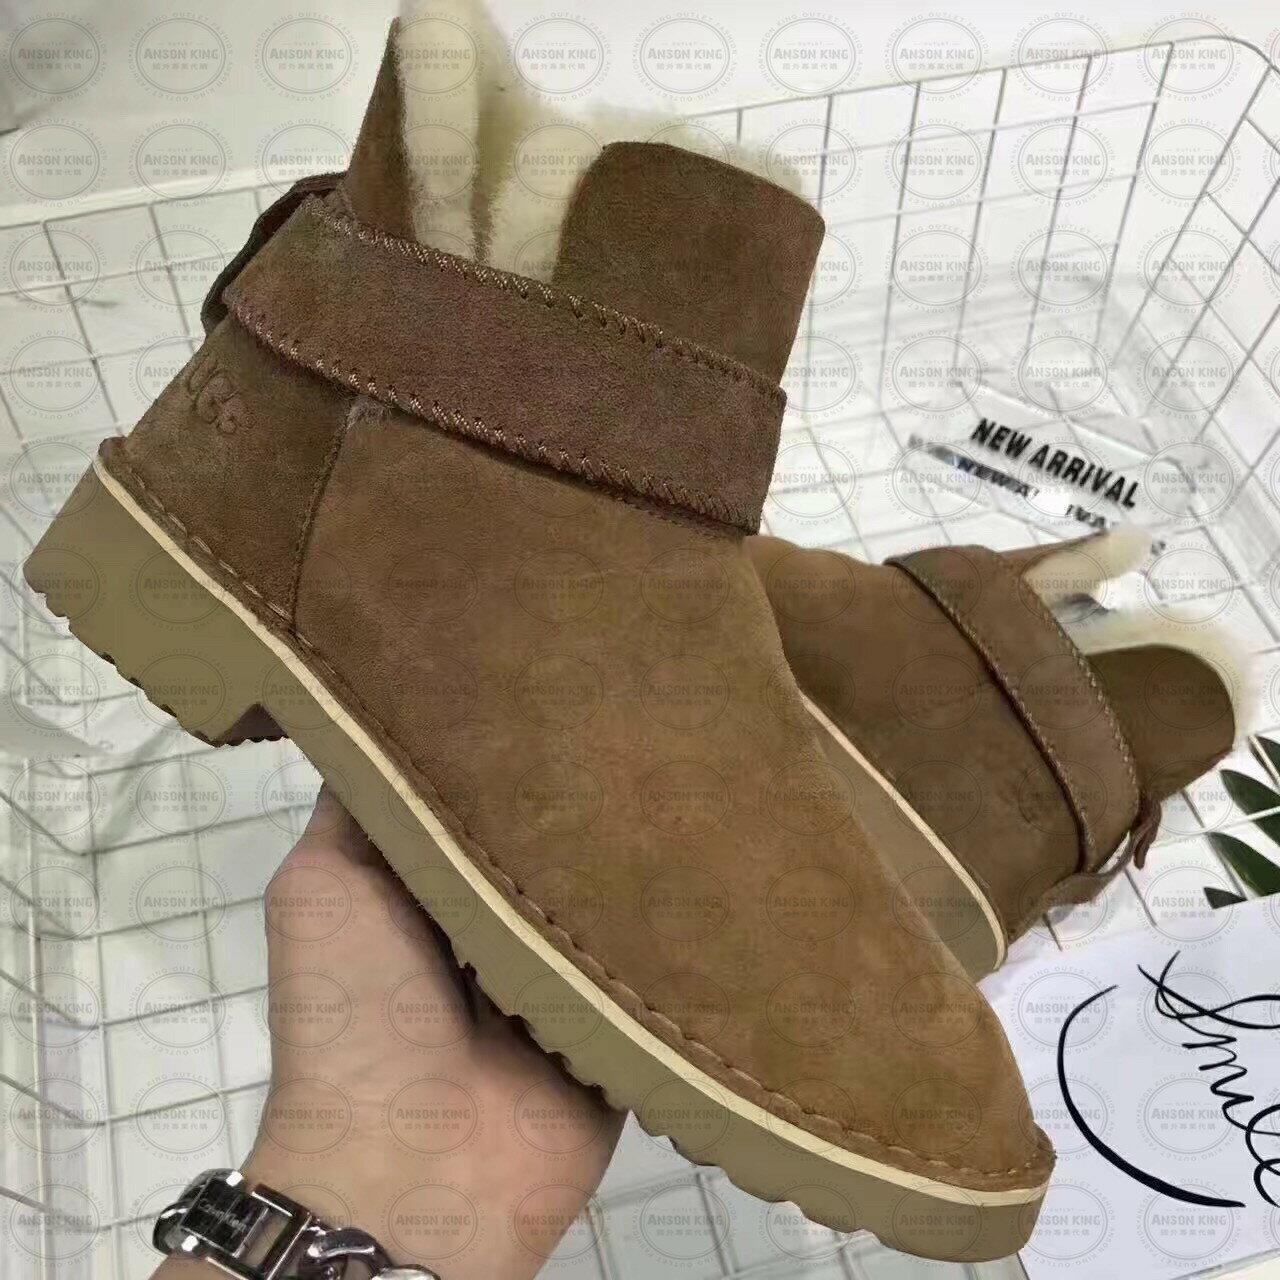 OUTLET正品代購 澳洲 UGG 羊皮毛一體馬汀靴 中長靴 保暖 真皮羊皮毛 雪靴 短靴 棕色 1